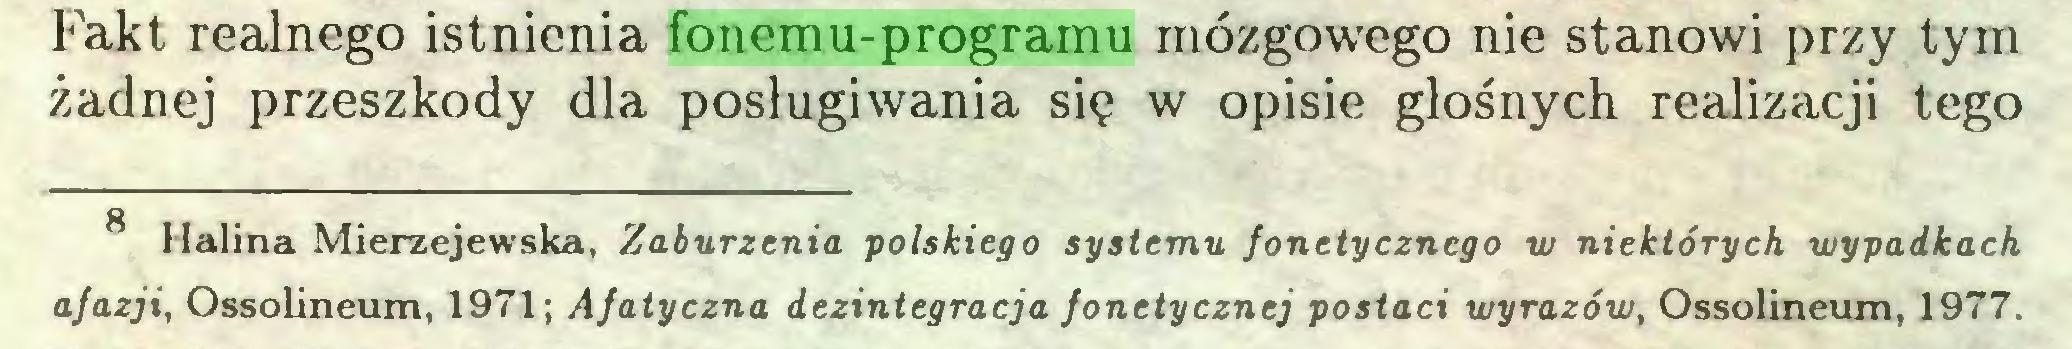 (...) Fakt realnego istnienia fonemu-programu mózgowego nie stanowi przy tym żadnej przeszkody dla posługiwania się w opisie głośnych realizacji tego 8 Halina Mierzejewska, Zaburzenia polskiego systemu fonetycznego w niektórych wypadkach afazji, Ossolineum, 1971; Afatyczna dezintegracja fonetycznej postaci wyrazów, Ossolineum, 1977...